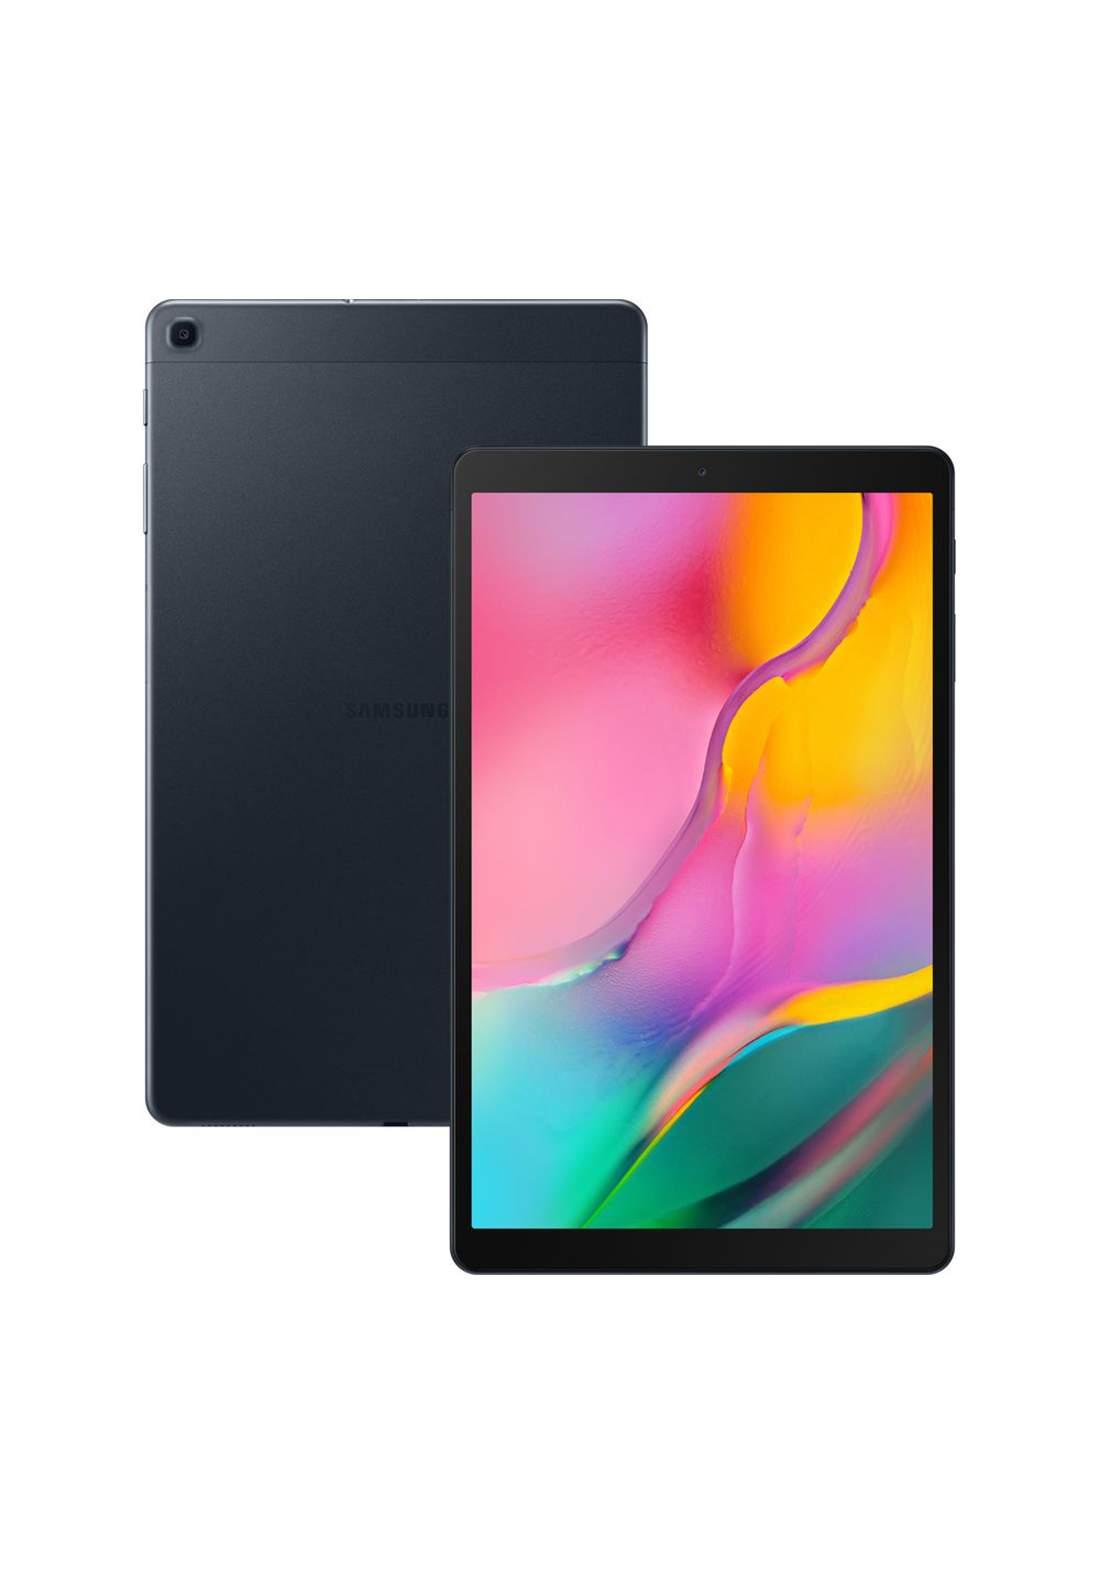 Samsung Galaxy Sm-T515 Tab A 32GB - Black